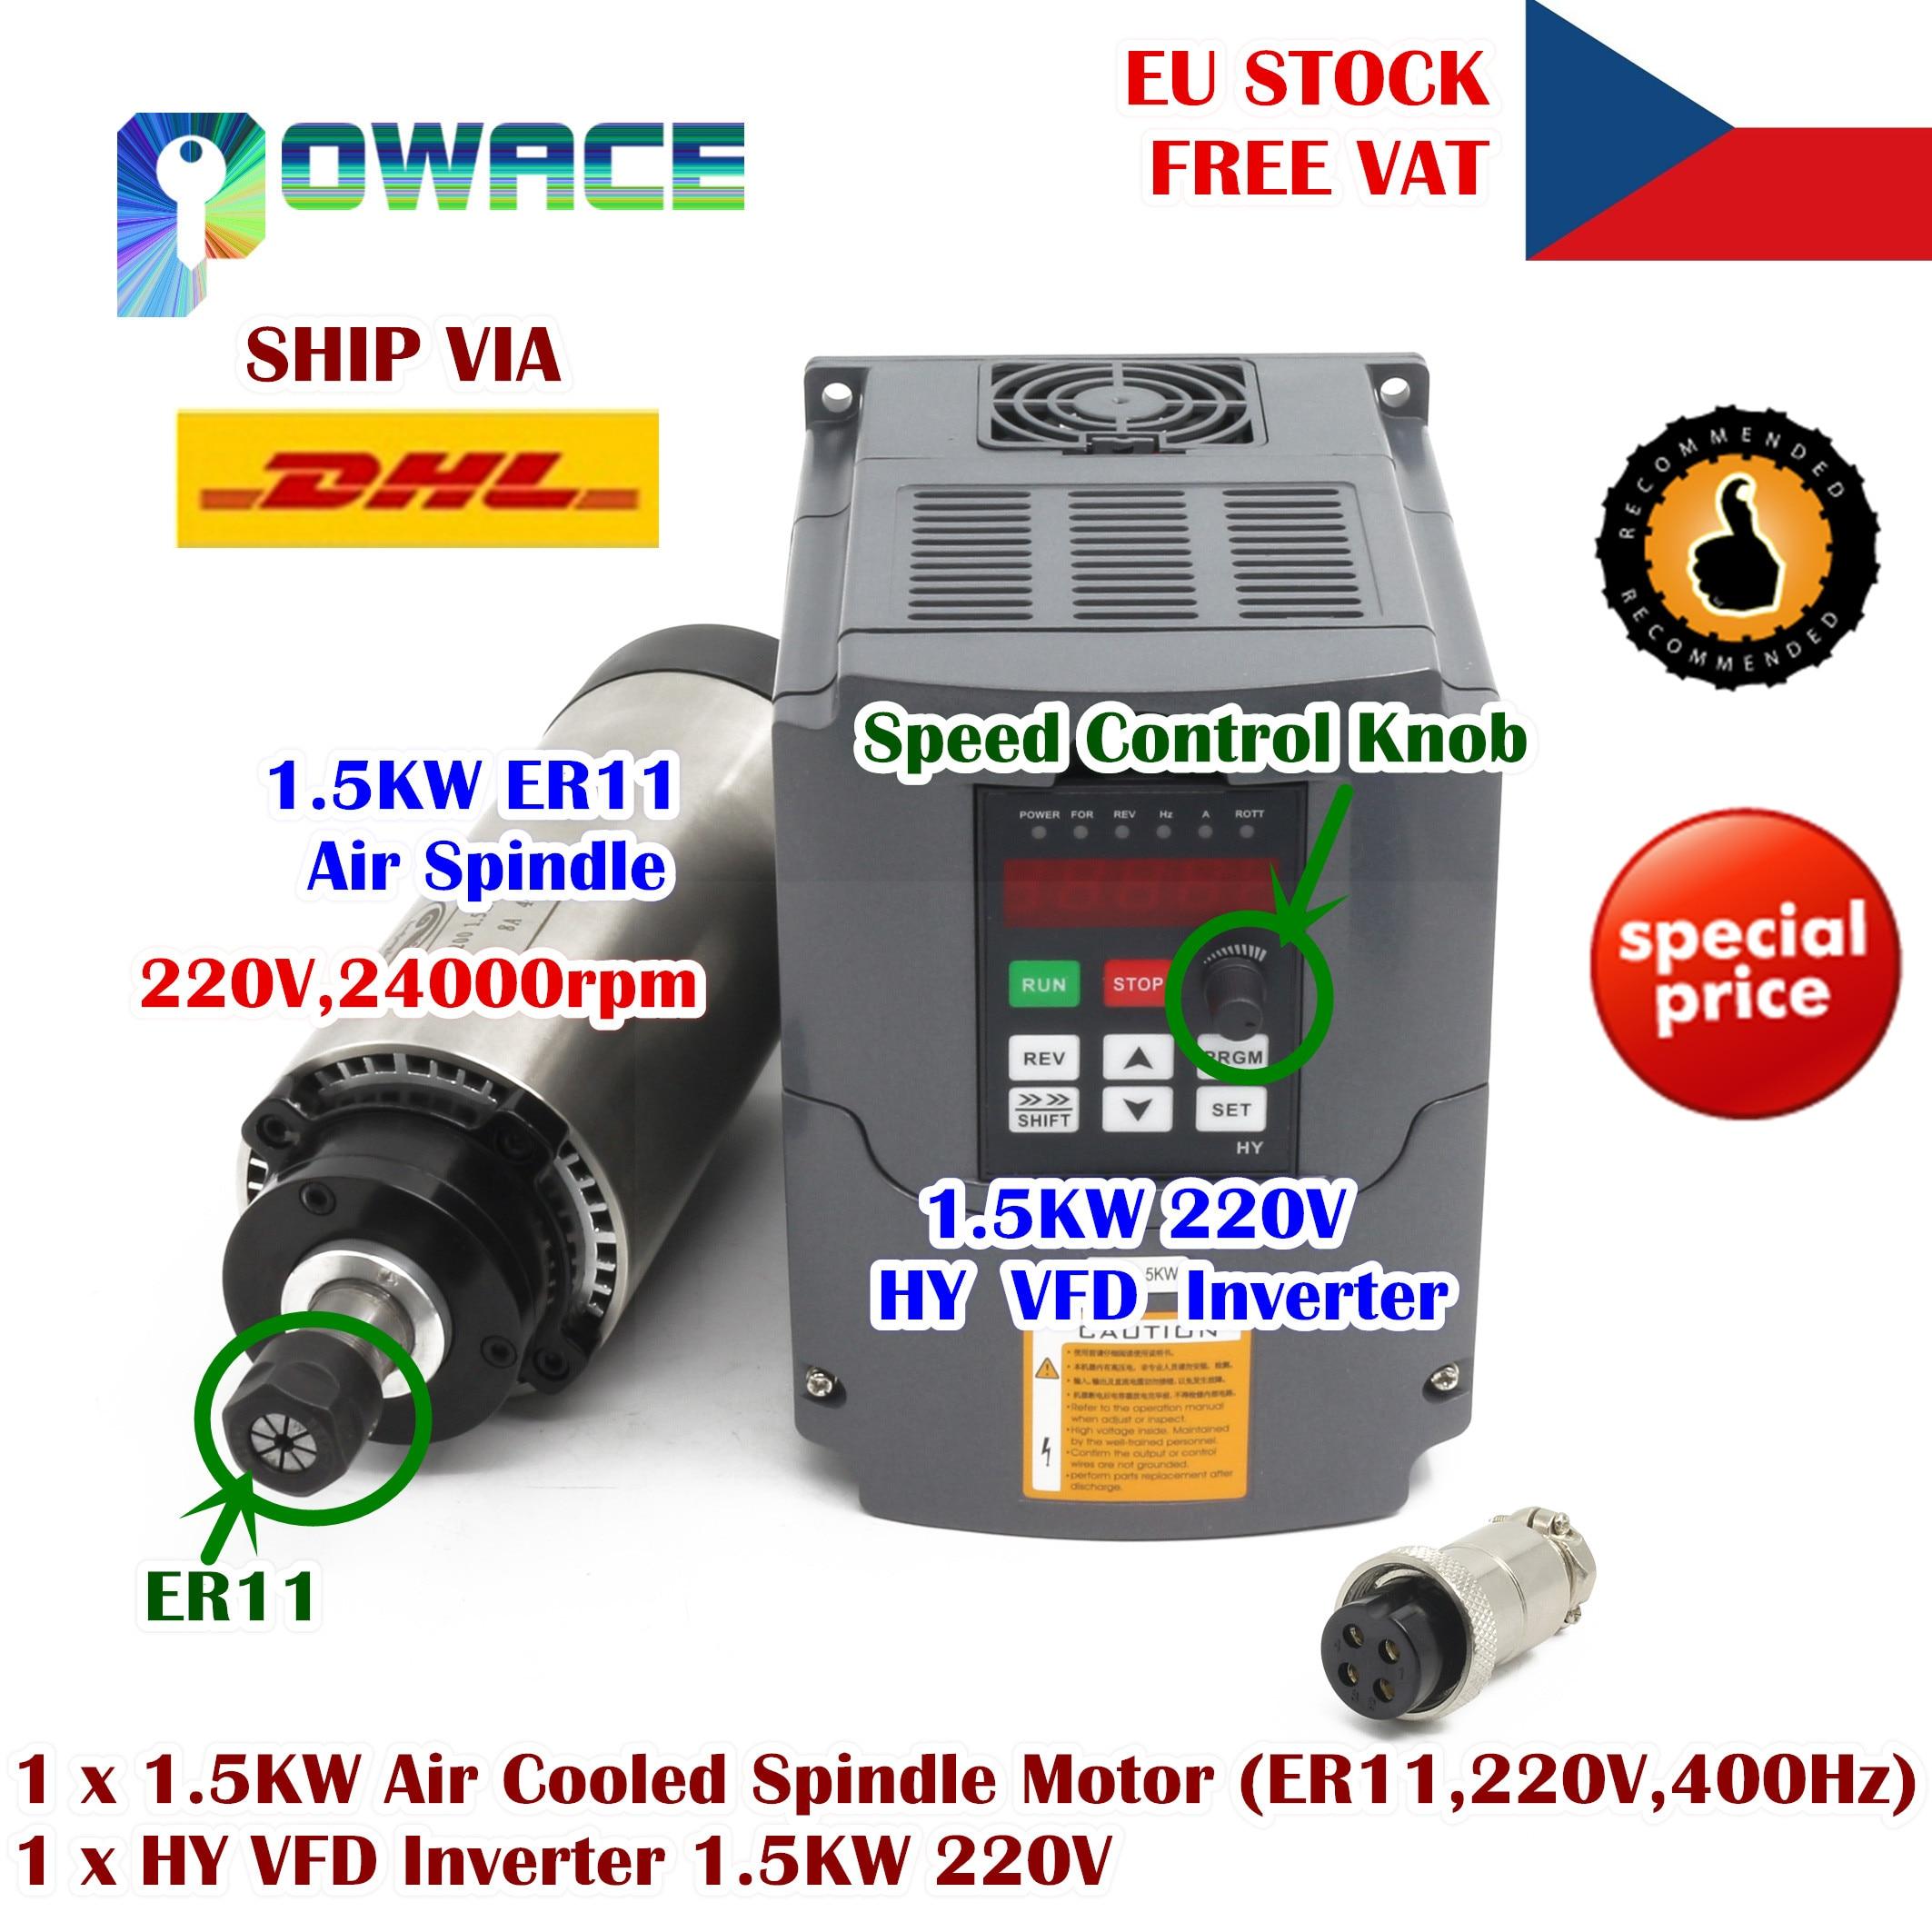 [Европейский НДС] электродвигатель шпинделя с воздушным охлаждением с ЧПУ 220 кВт ER11 гравировальное фрезерование + квт в привод переменной ча...